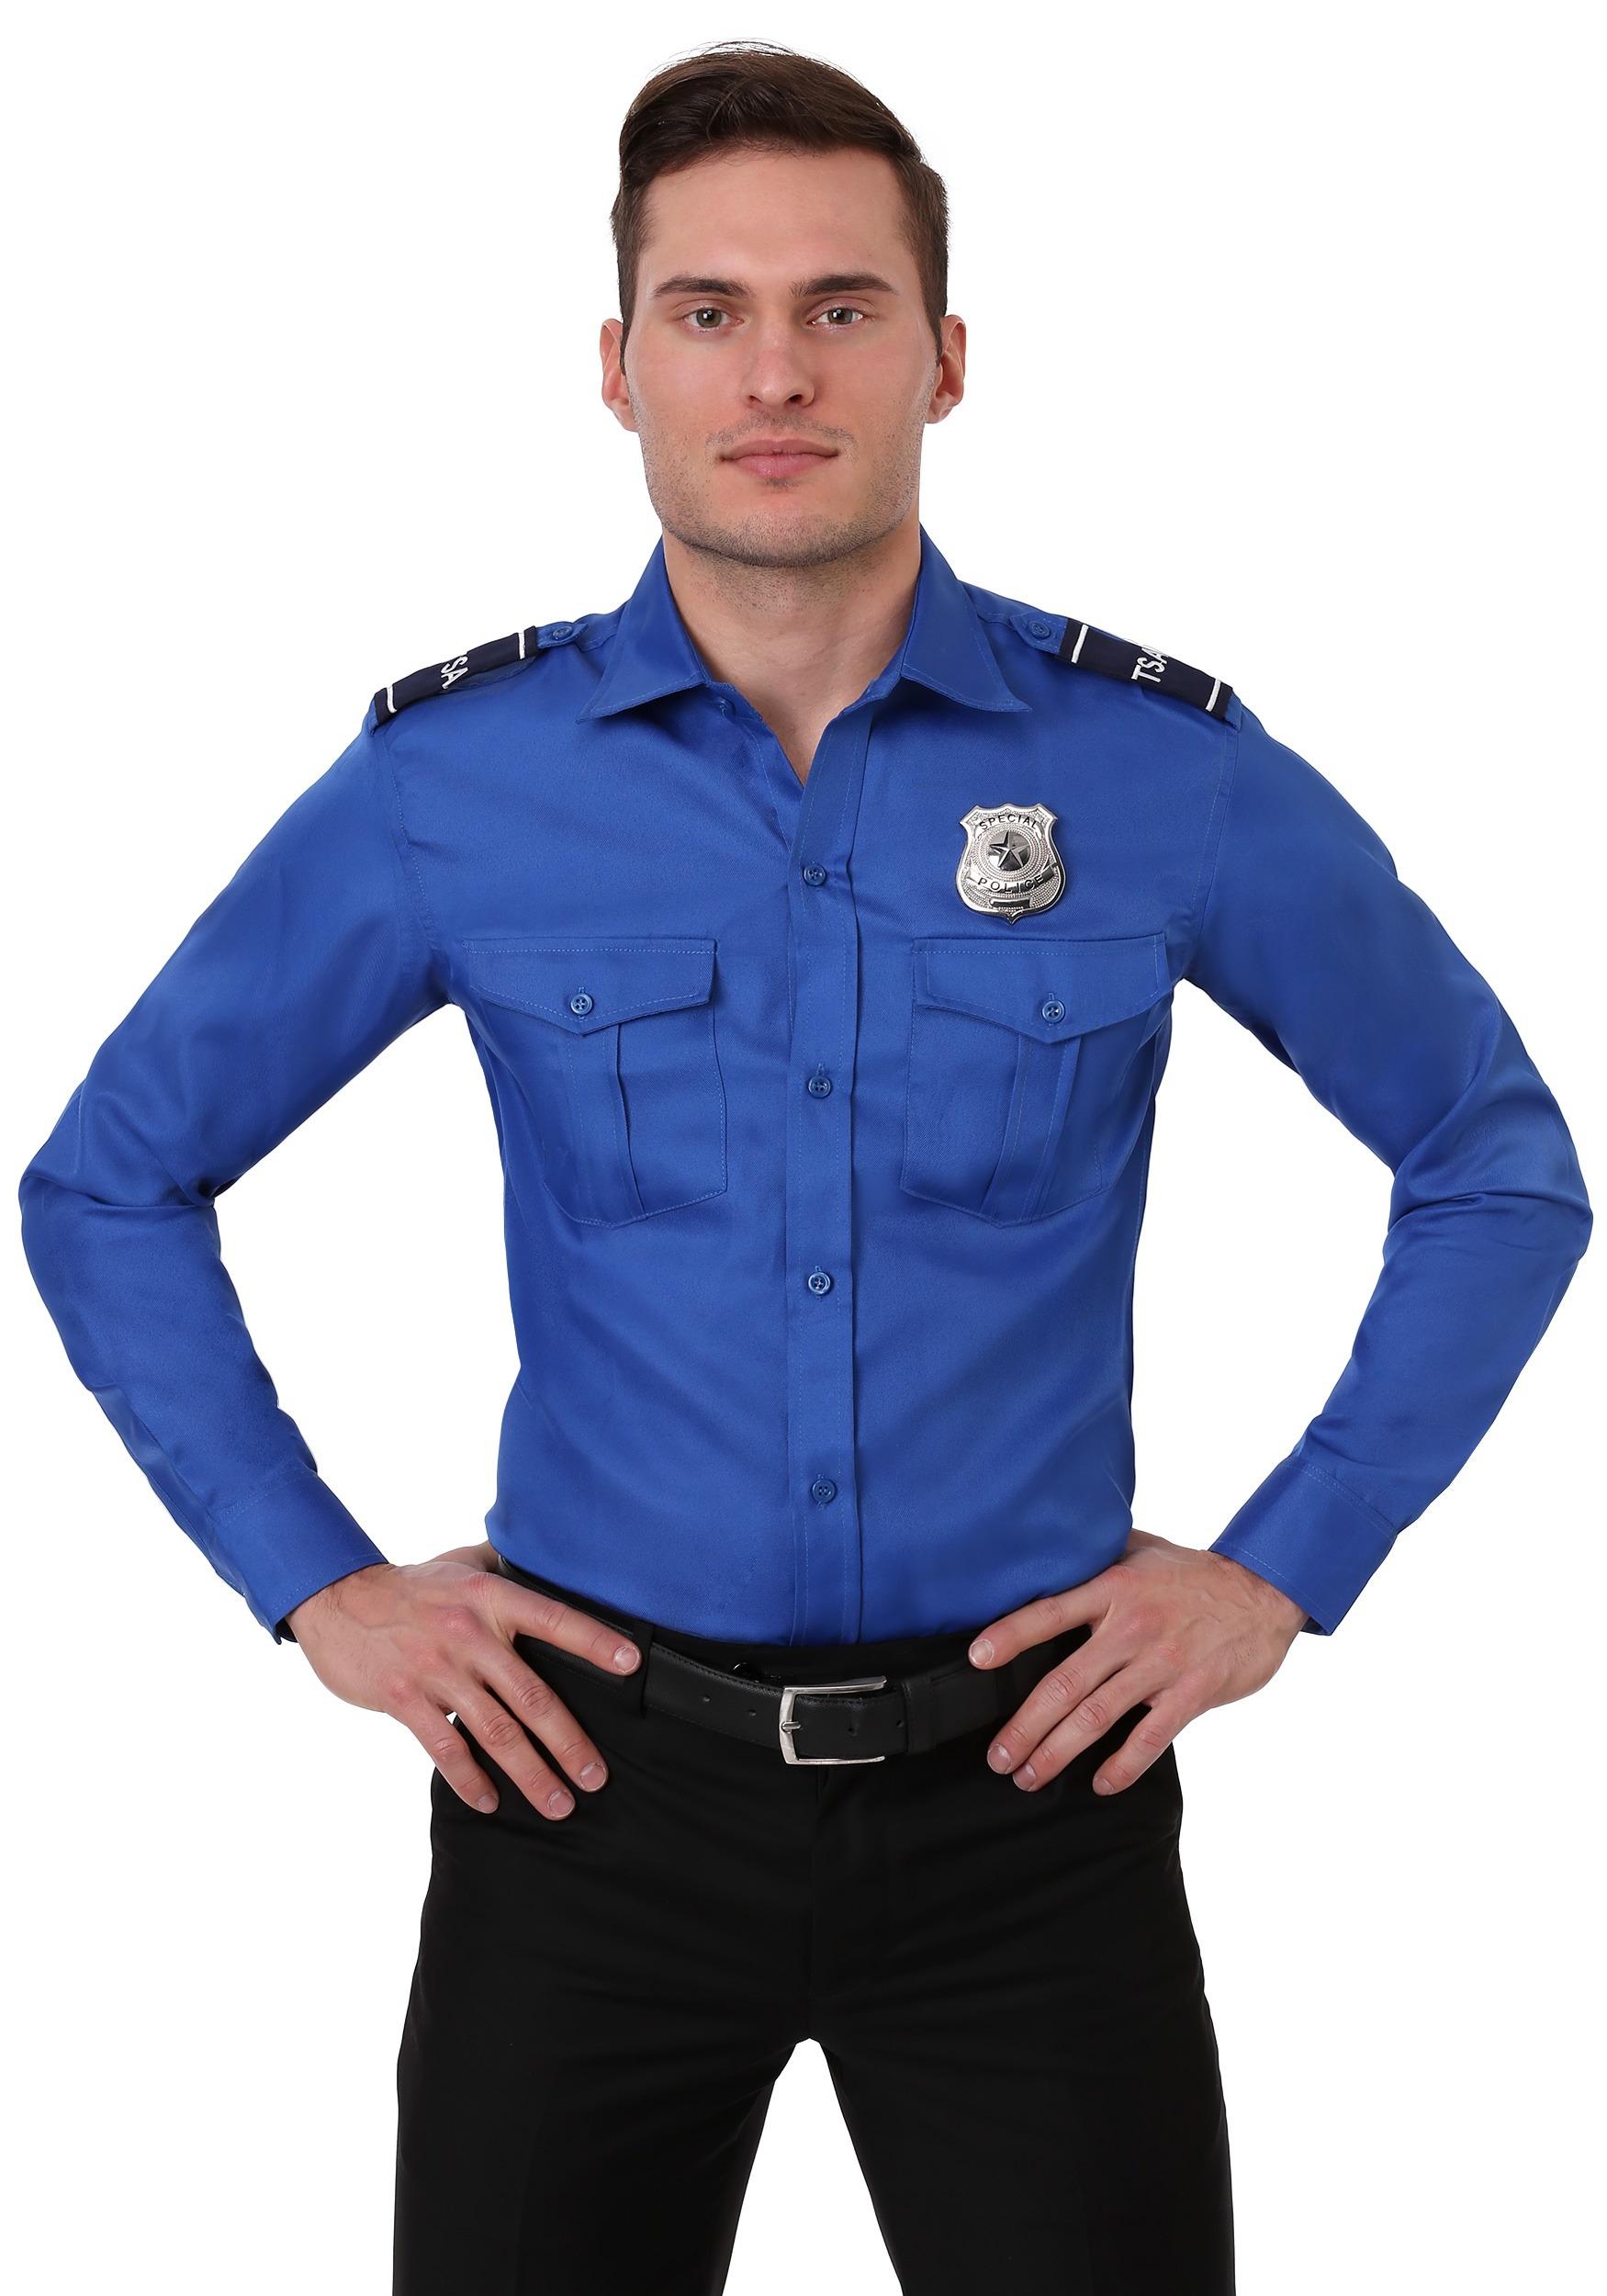 Adult Plus Size TSA Costume Shirt for Men